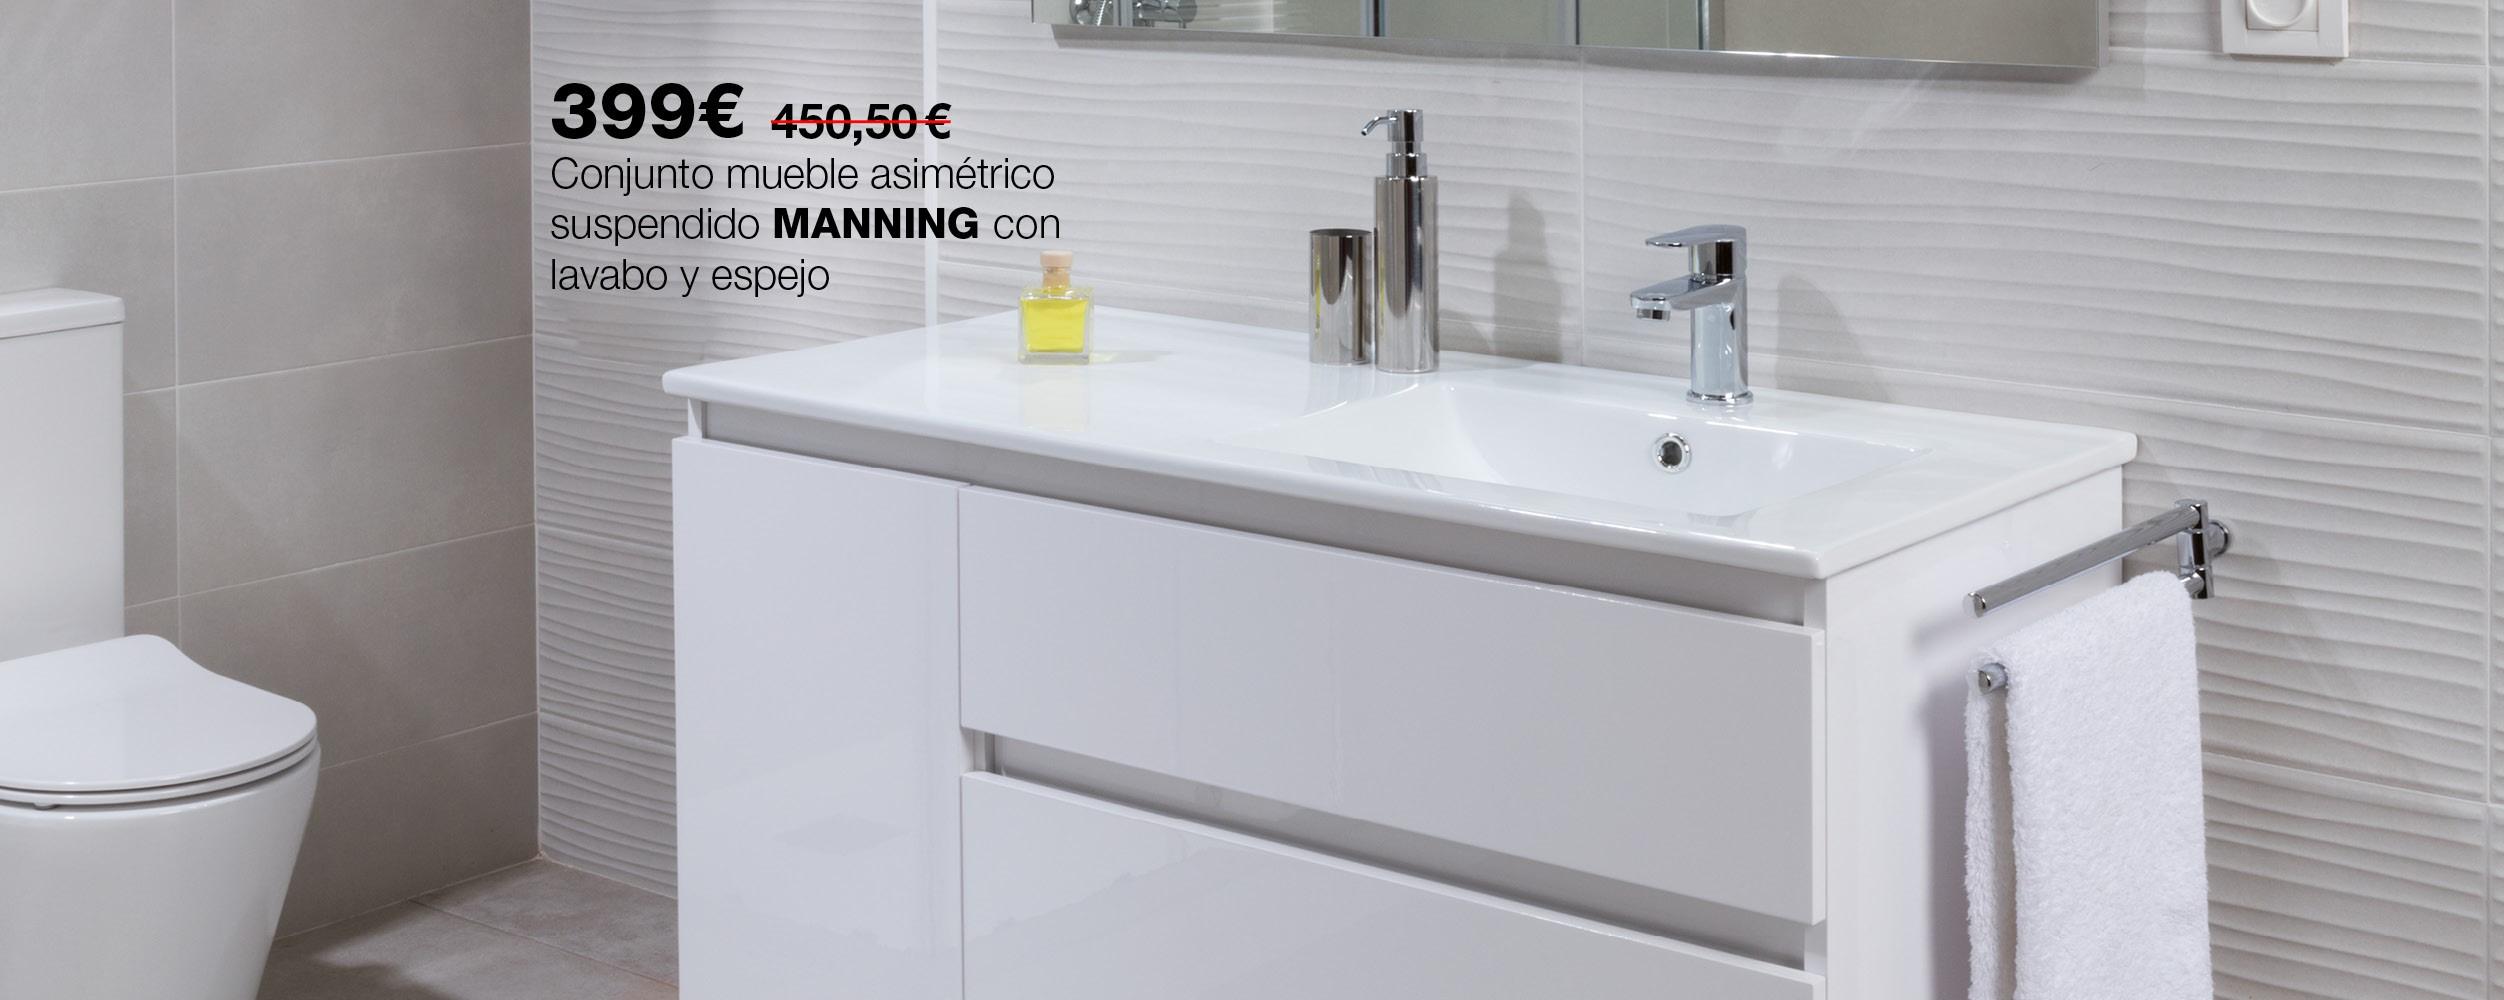 Conjunto de mueble suspendido MANNING con lavabo y espejo